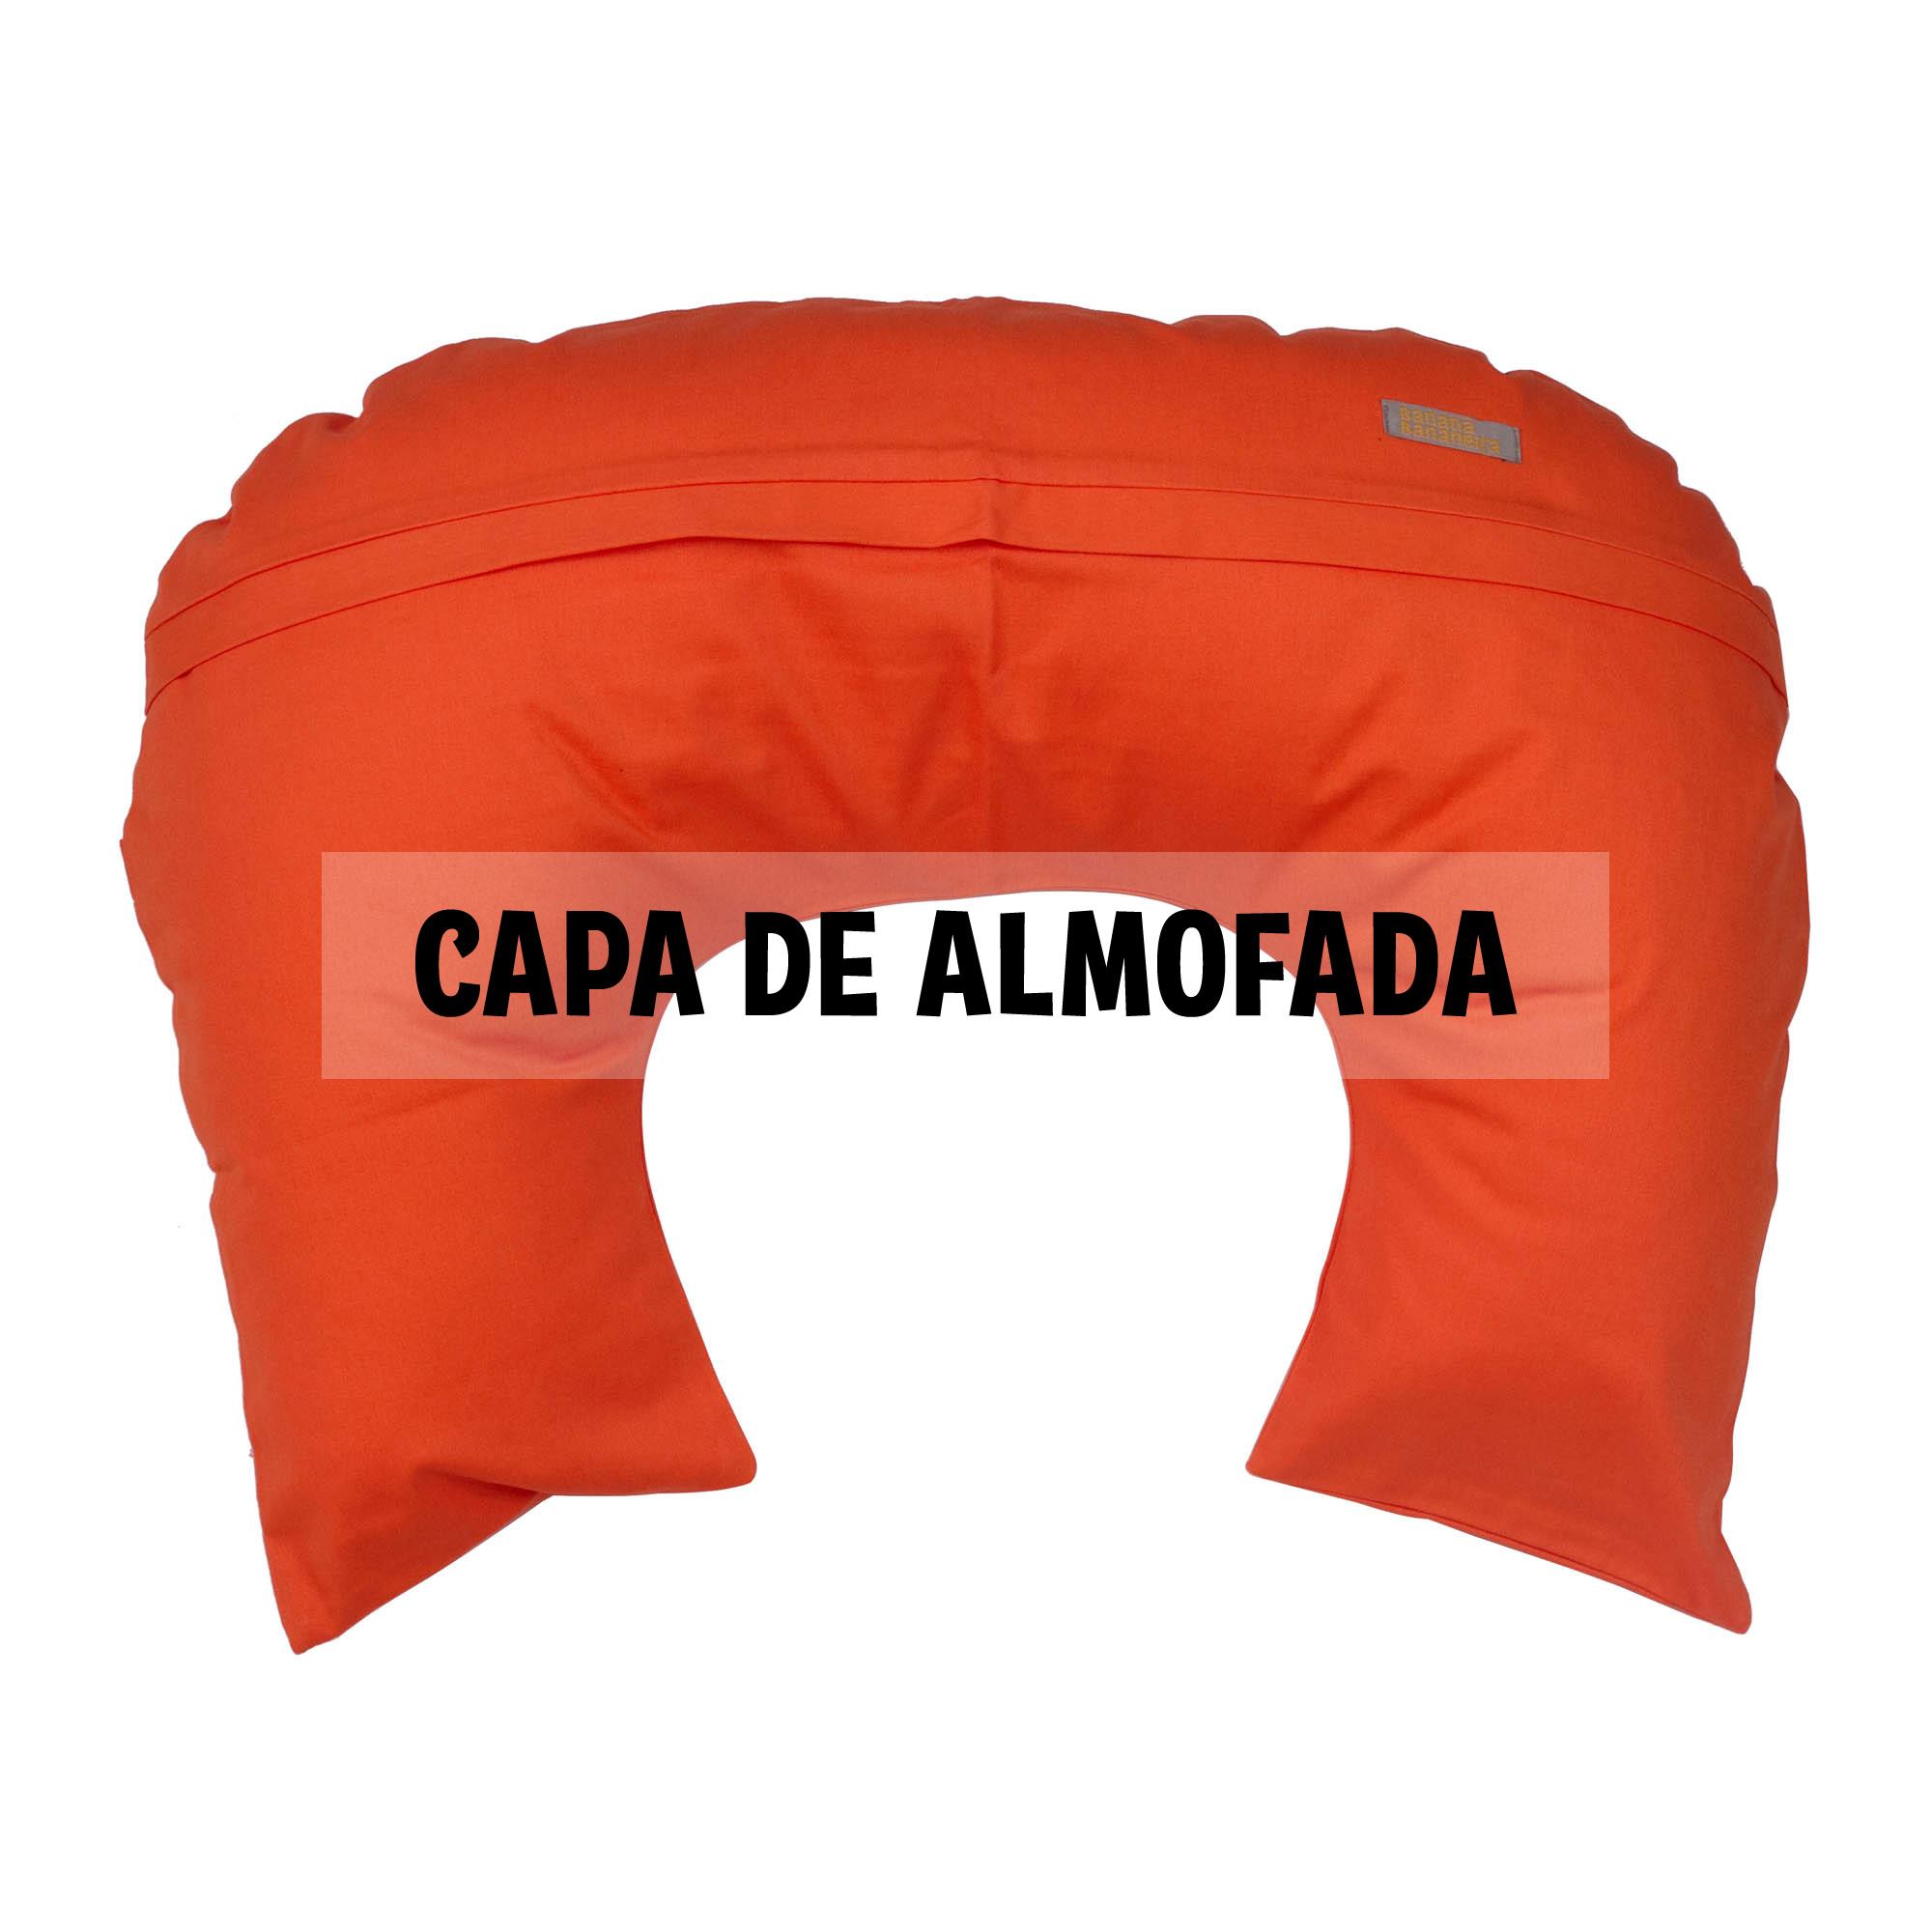 Capa de almofada de amamentação tangerina